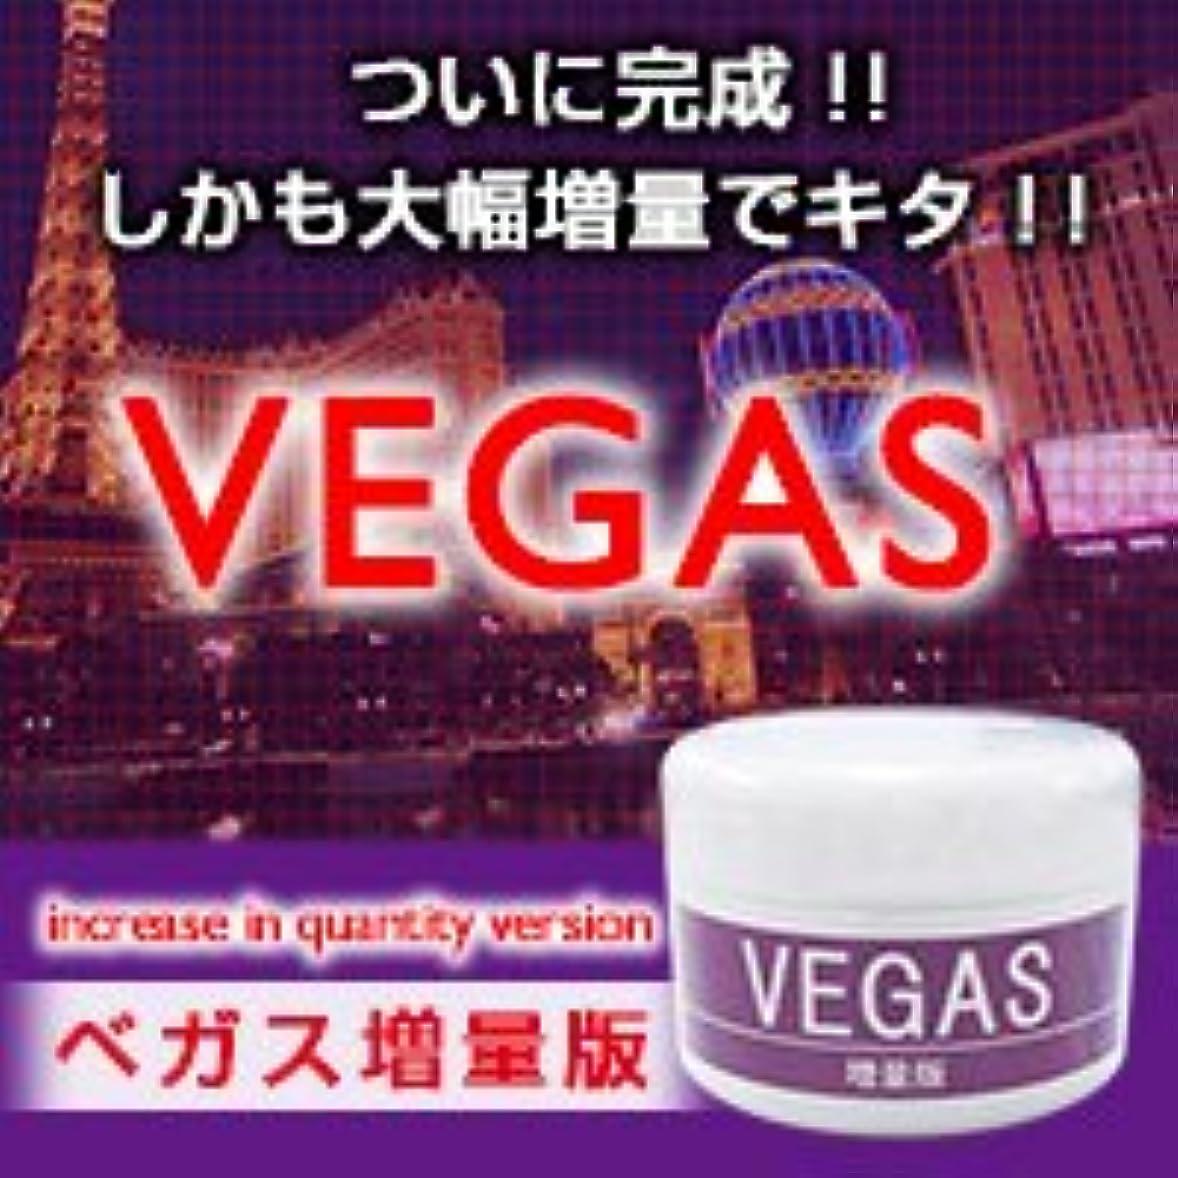 乳製品インゲンペルセウスVEGAS 増量版(ベガス ゾウリョウバン)/【CC】